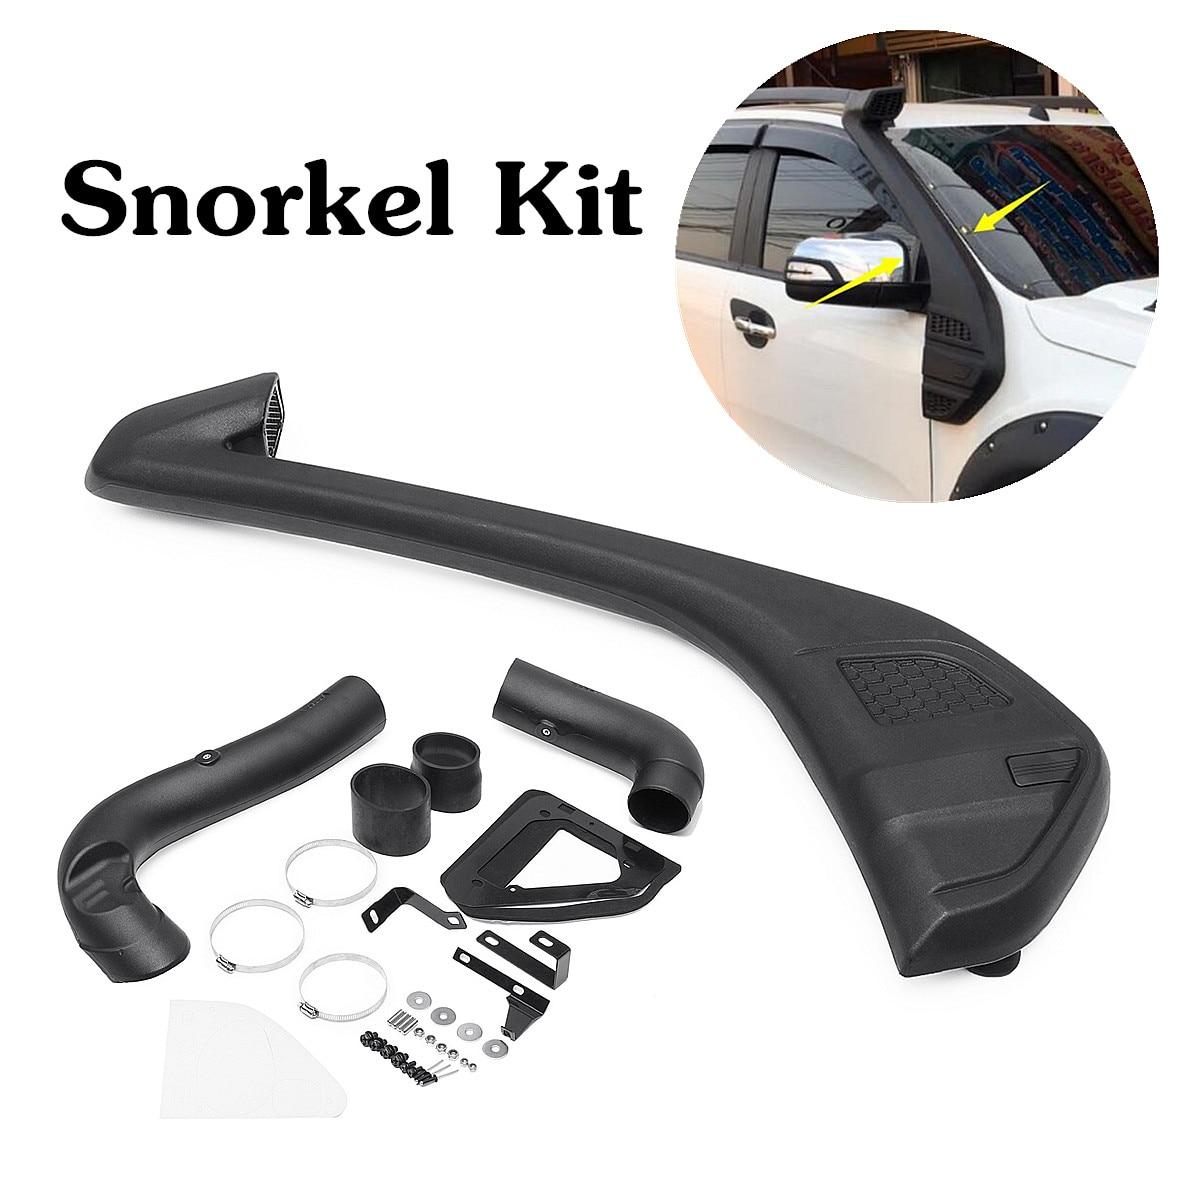 Hava yükseltme emme şnorkel benzin dizel kiti seti 2013 Ford-Ranger T6 Wildtrak 110x30cm polietilen siyah UV dayanıklı lineer